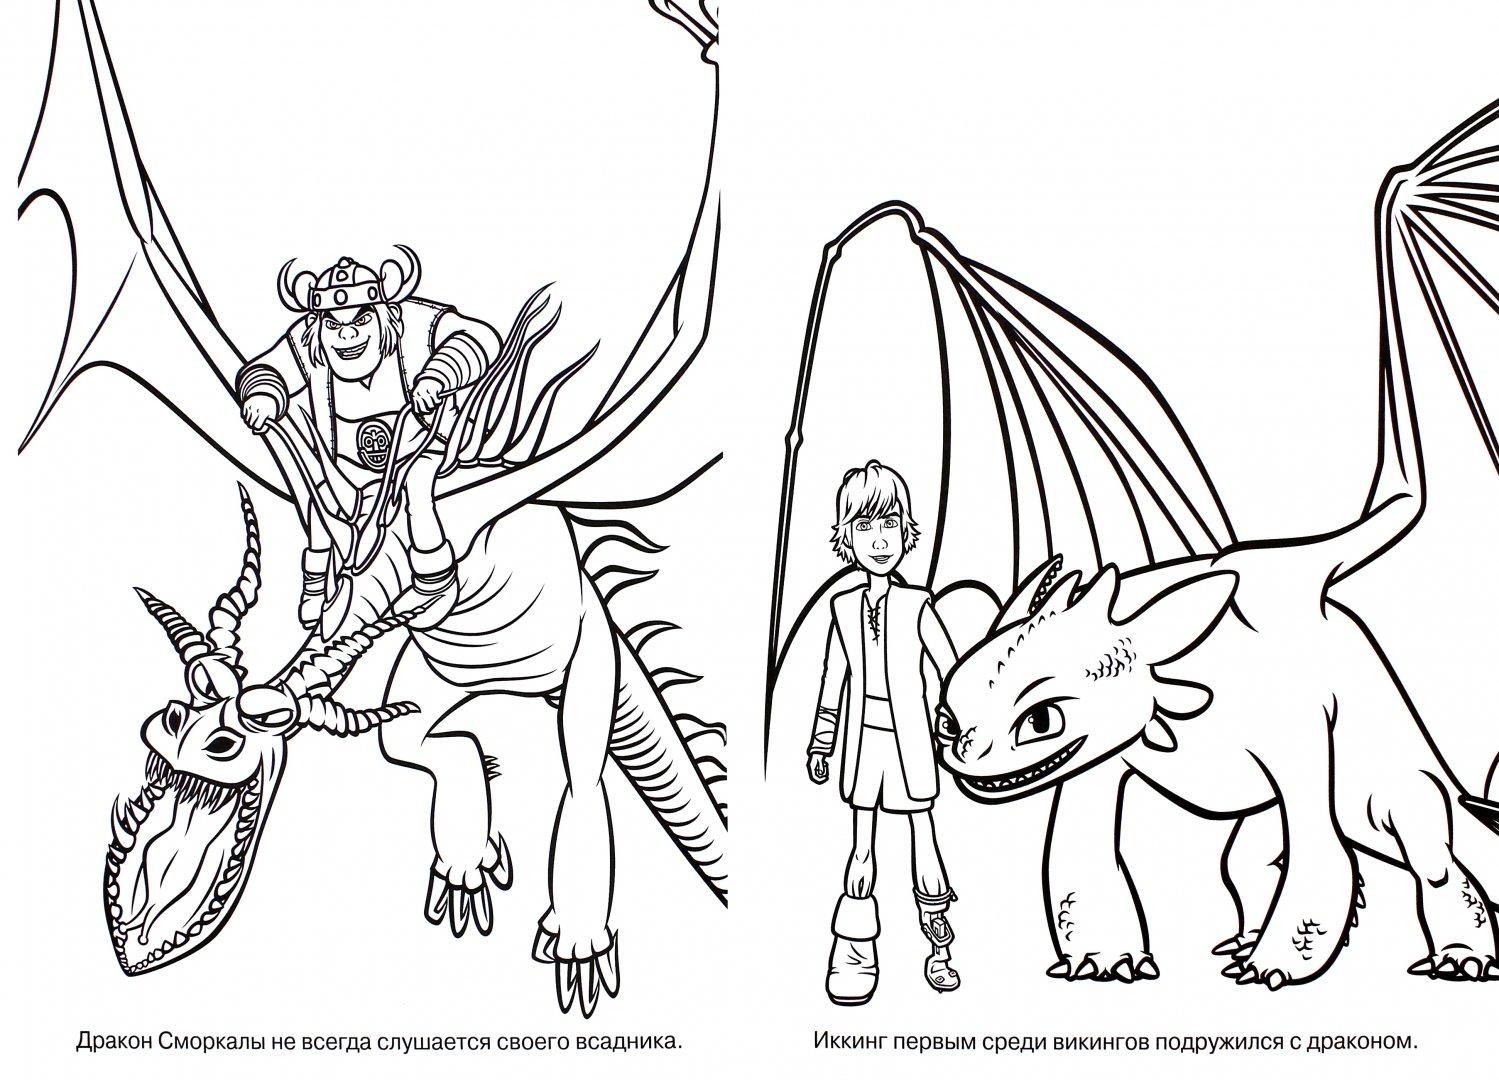 Поздравления новый, рисунок драконы и всадники олуха